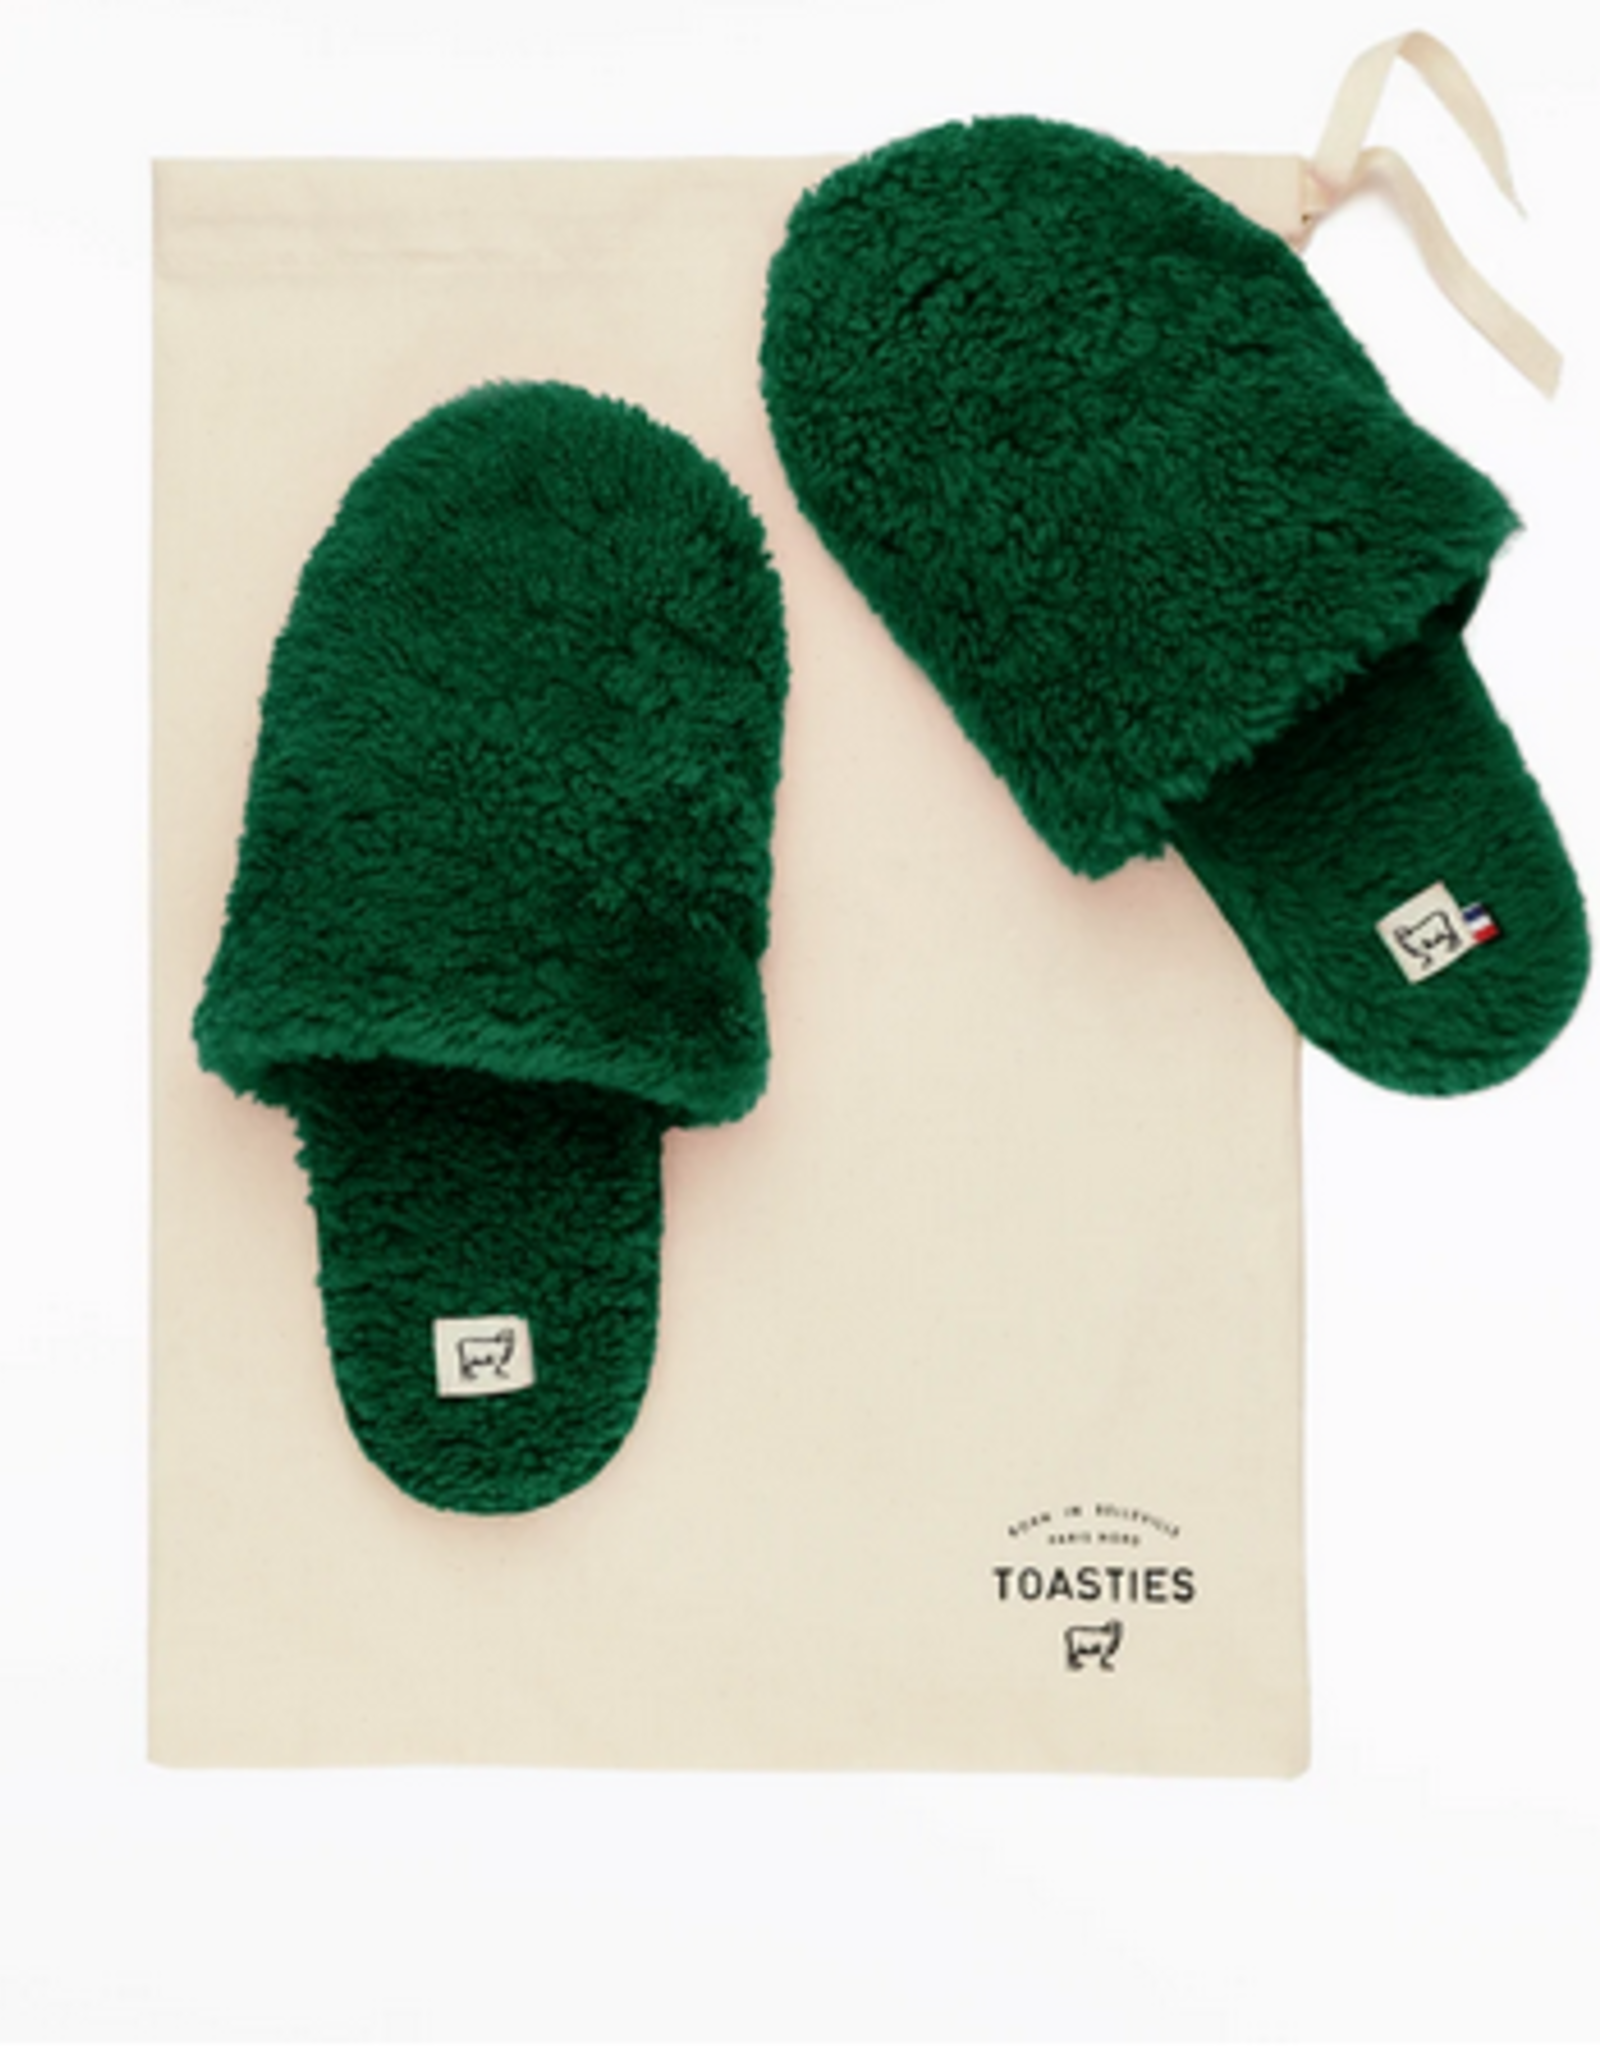 Toasties Toasties Hotel slippers green S